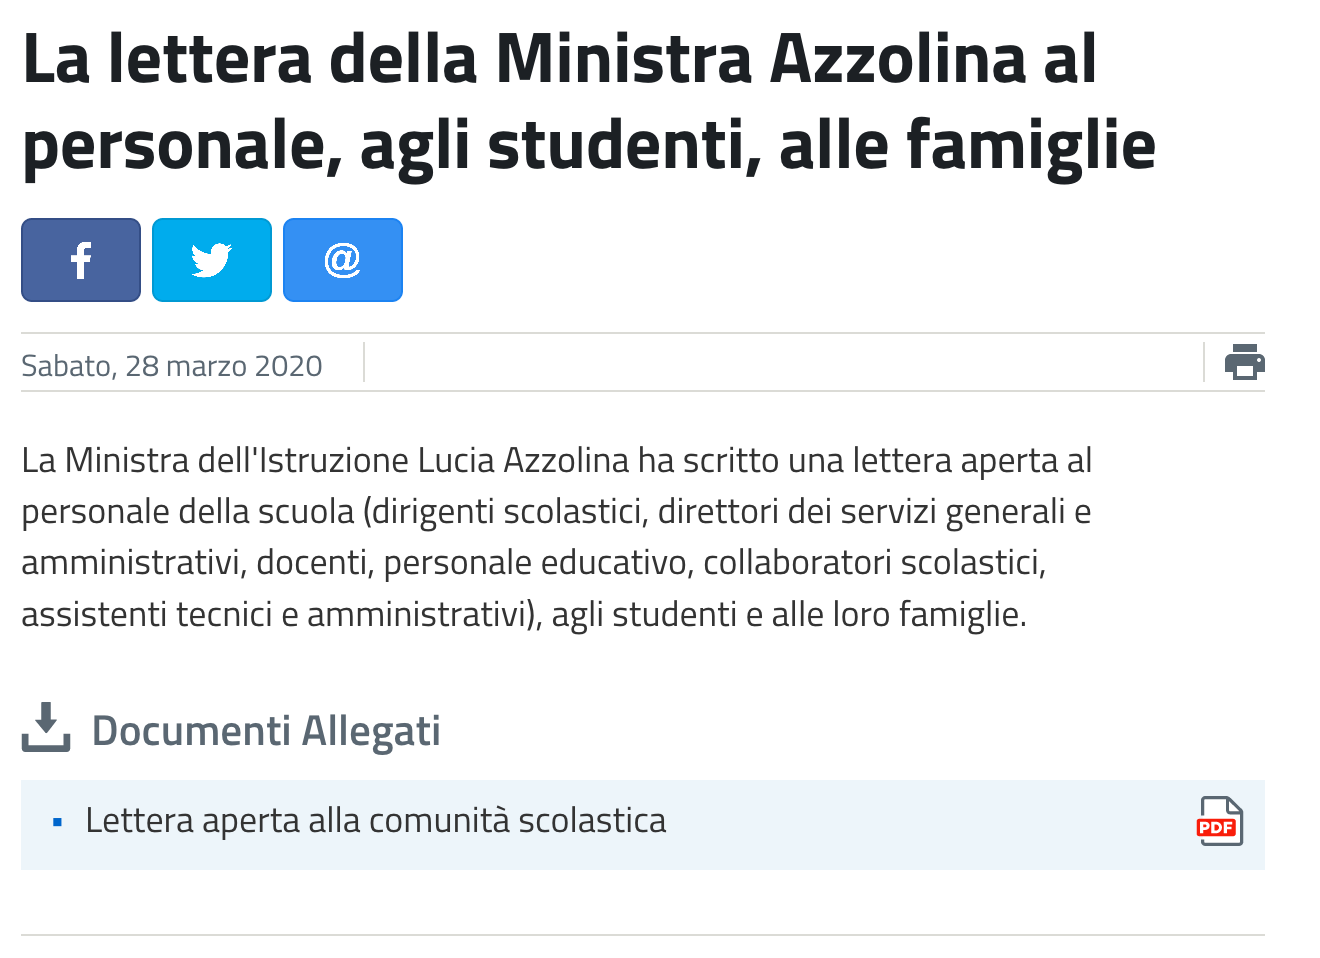 Screenshot_2020-04-01-La-lettera-della-Ministra-Azzolina-al-personale-agli-studenti-alle-famiglie-La-lettera-della-Mini....png